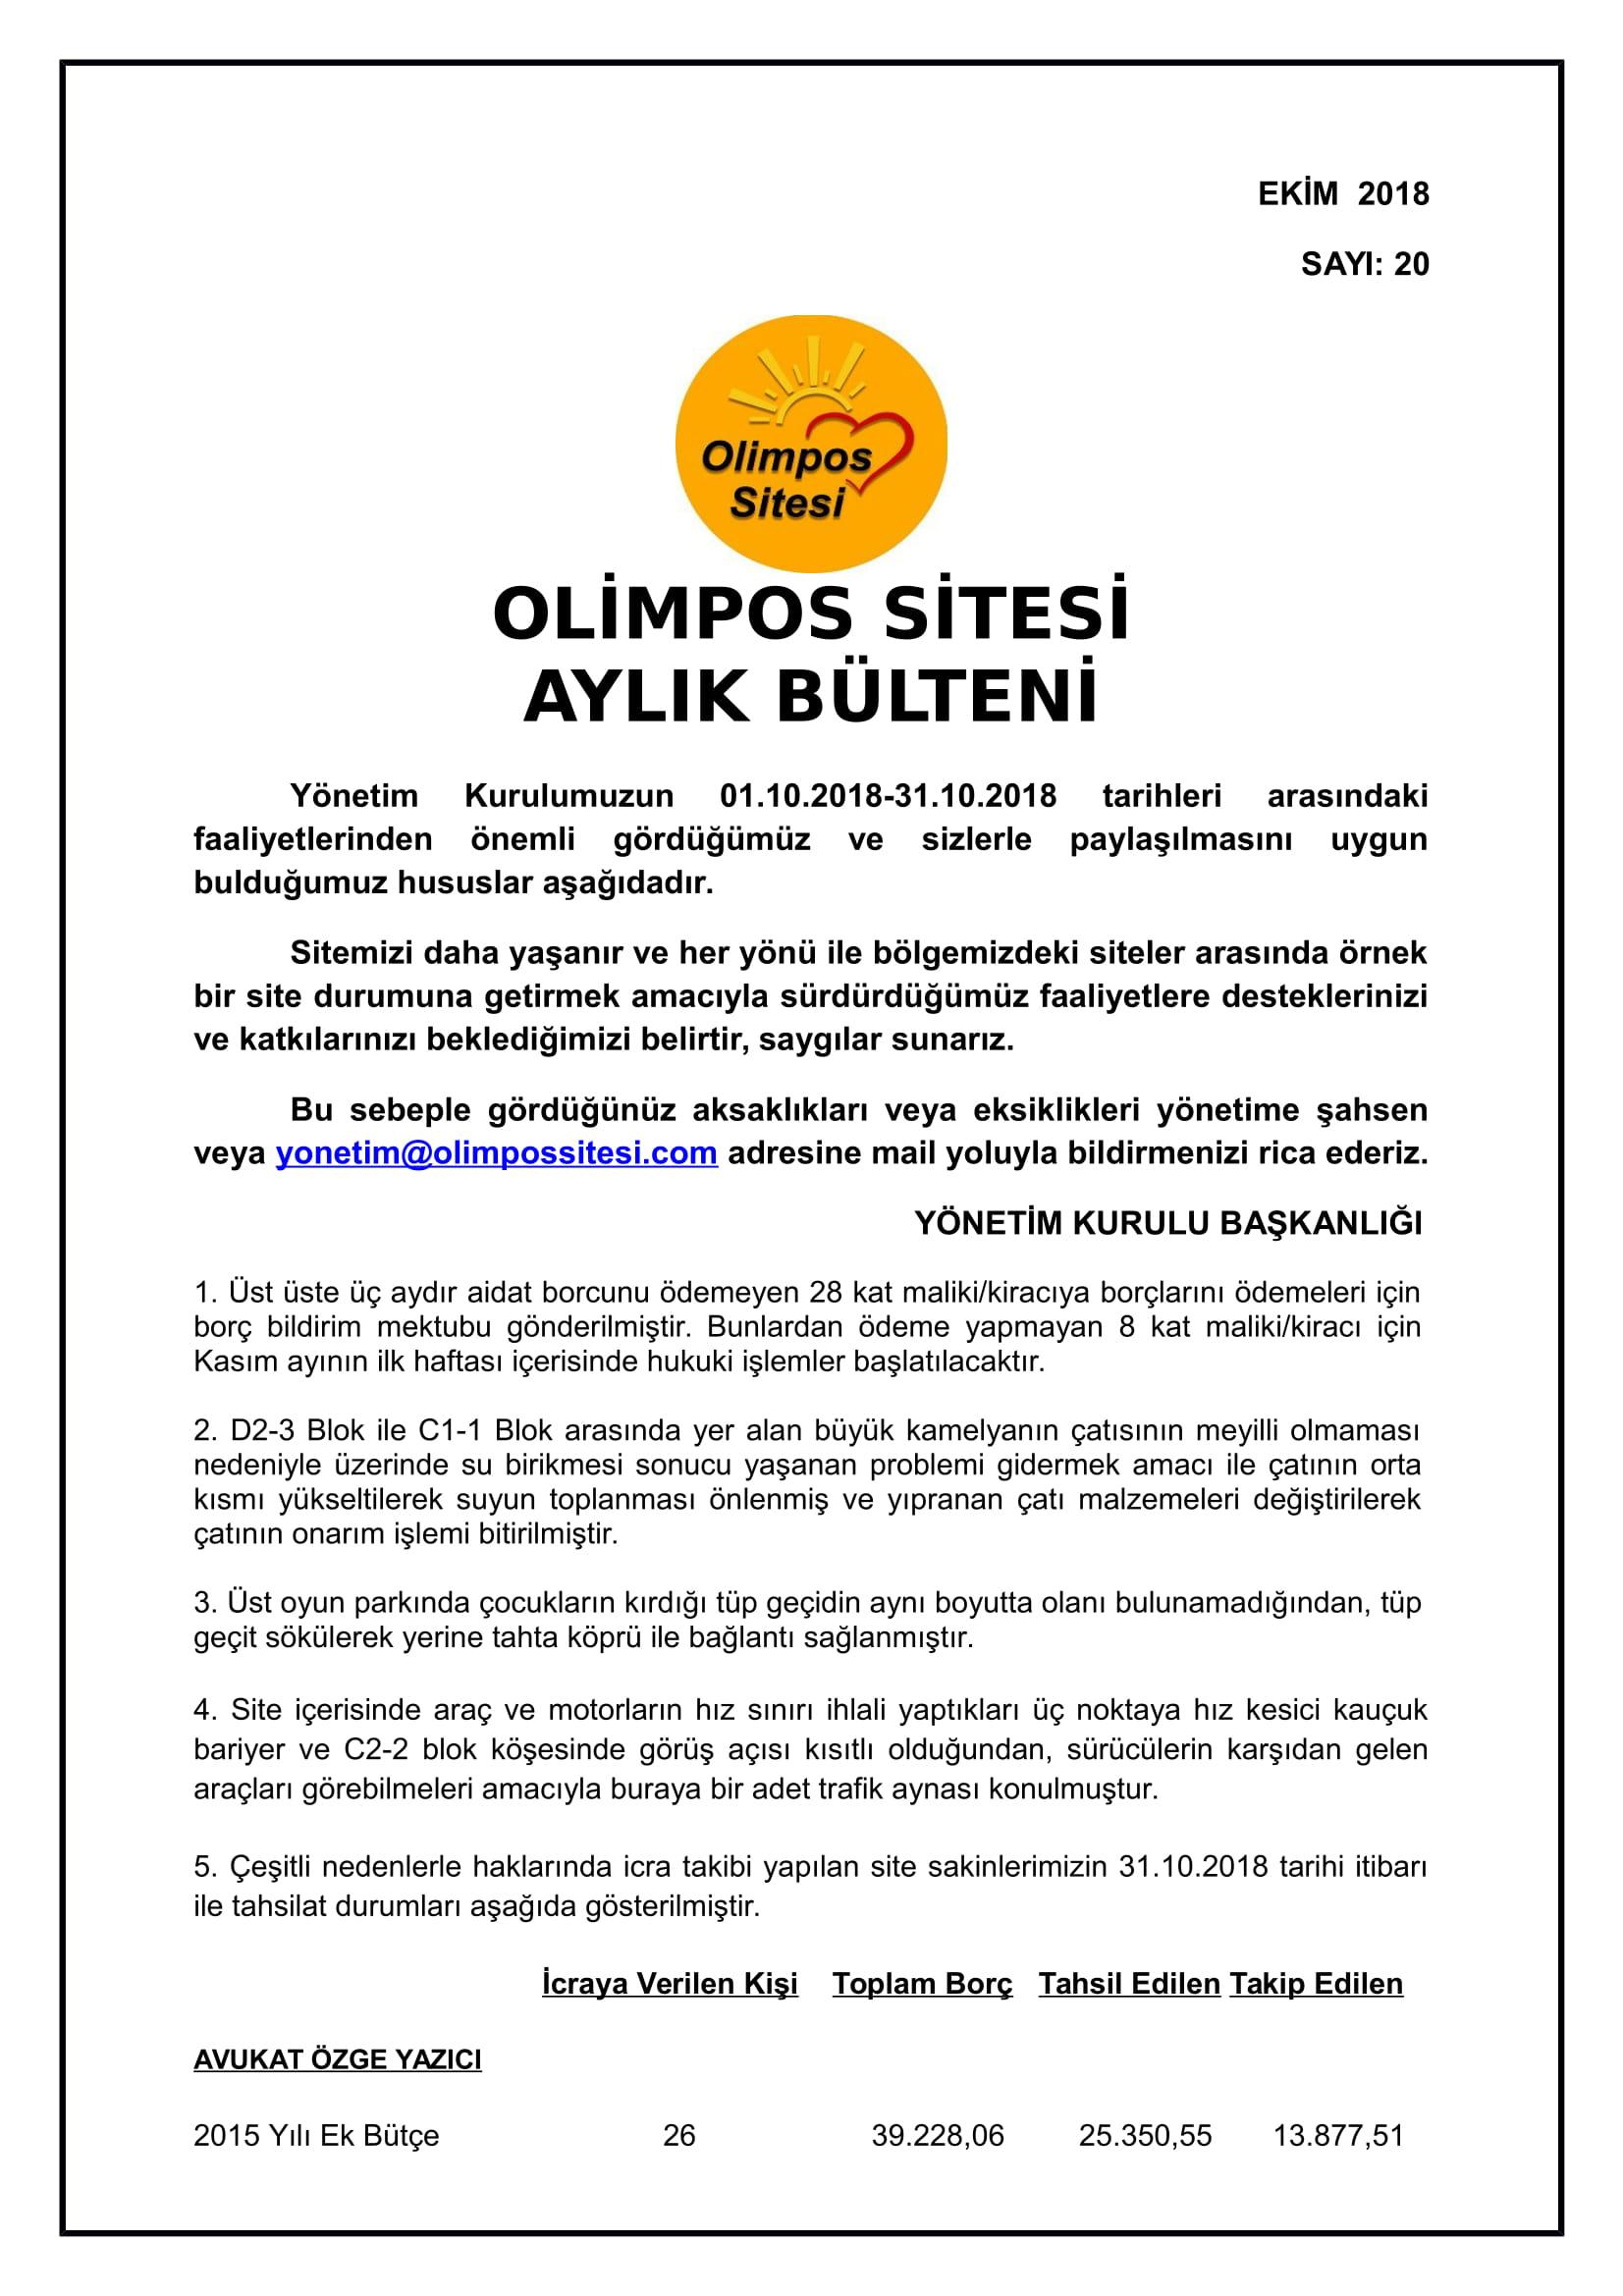 20-01.10.2018 EKİM-2018 BÜLTEN-1